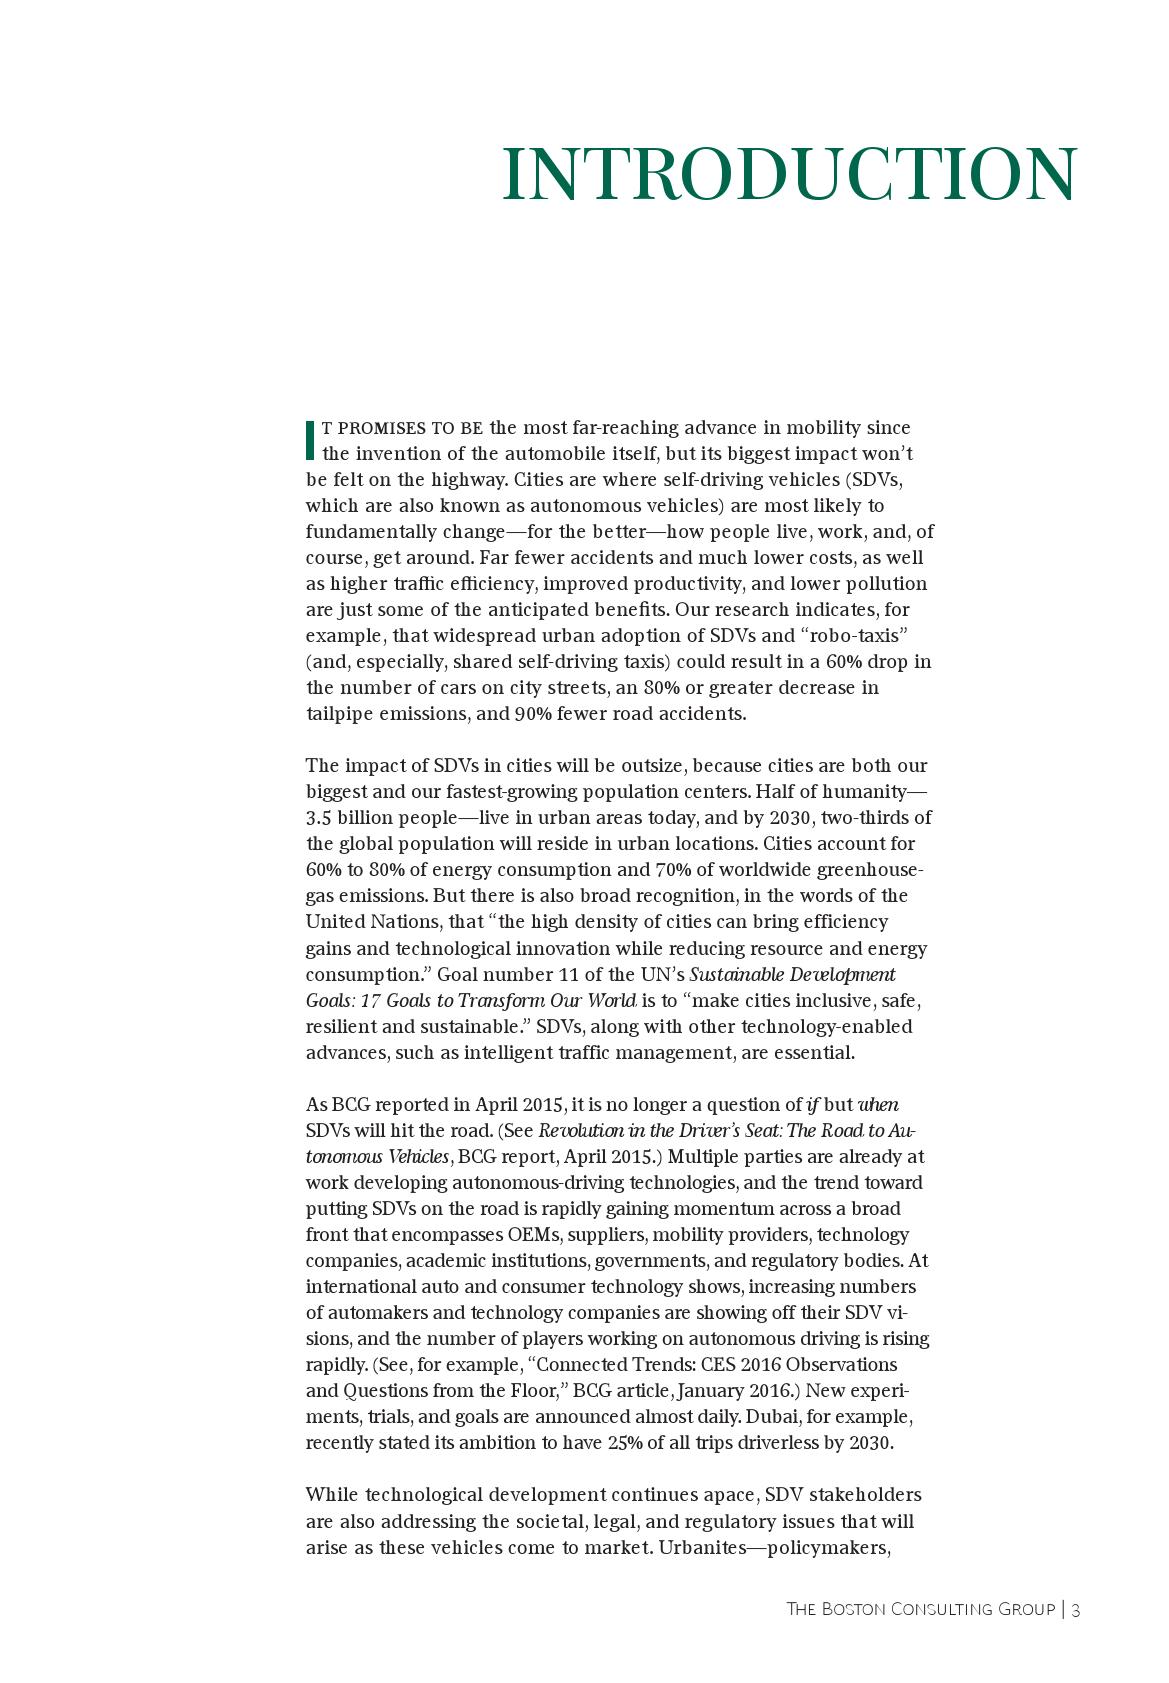 自动驾驶与城市交通革命_000005